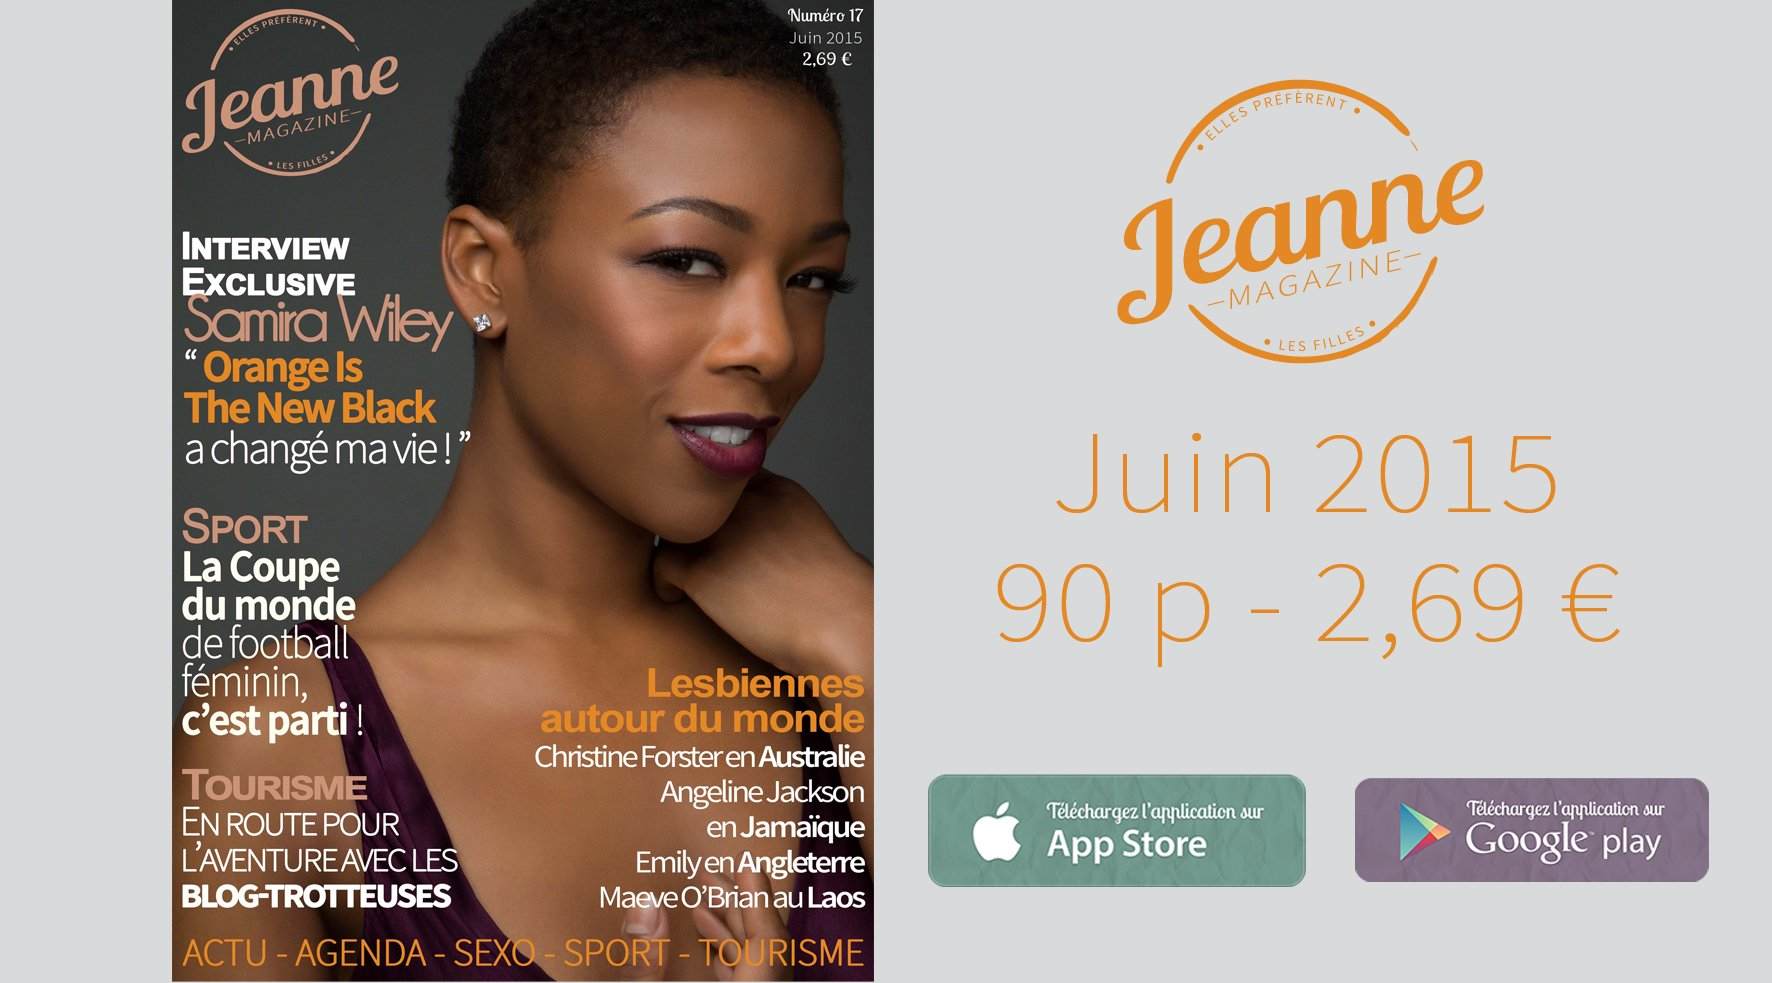 Sortie de Jeanne Magazine n°17 – juin 2015